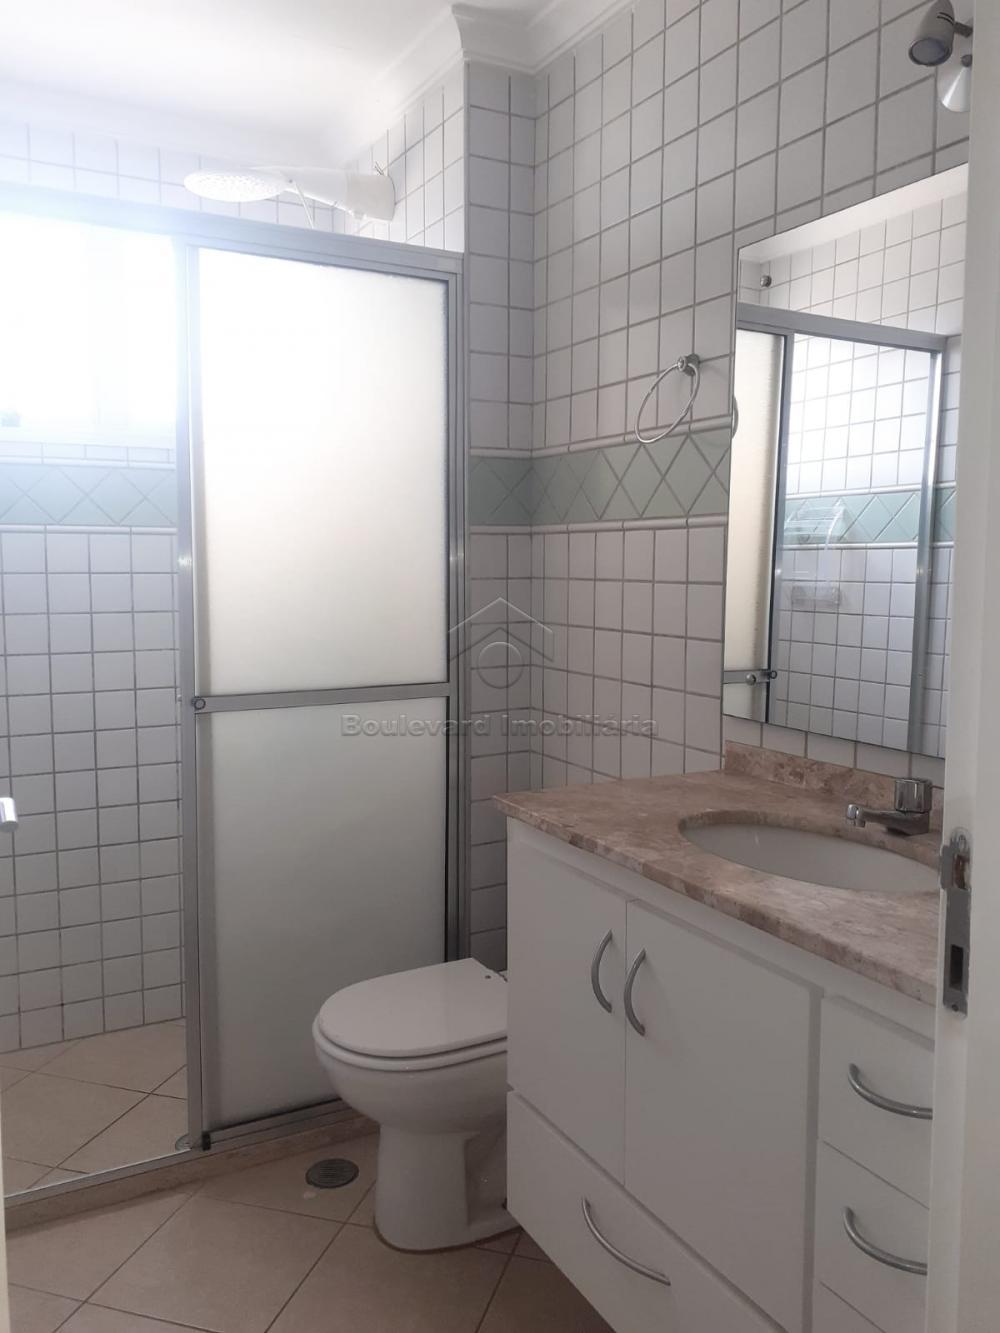 Alugar Apartamento / Padrão em Ribeirão Preto R$ 680,00 - Foto 2